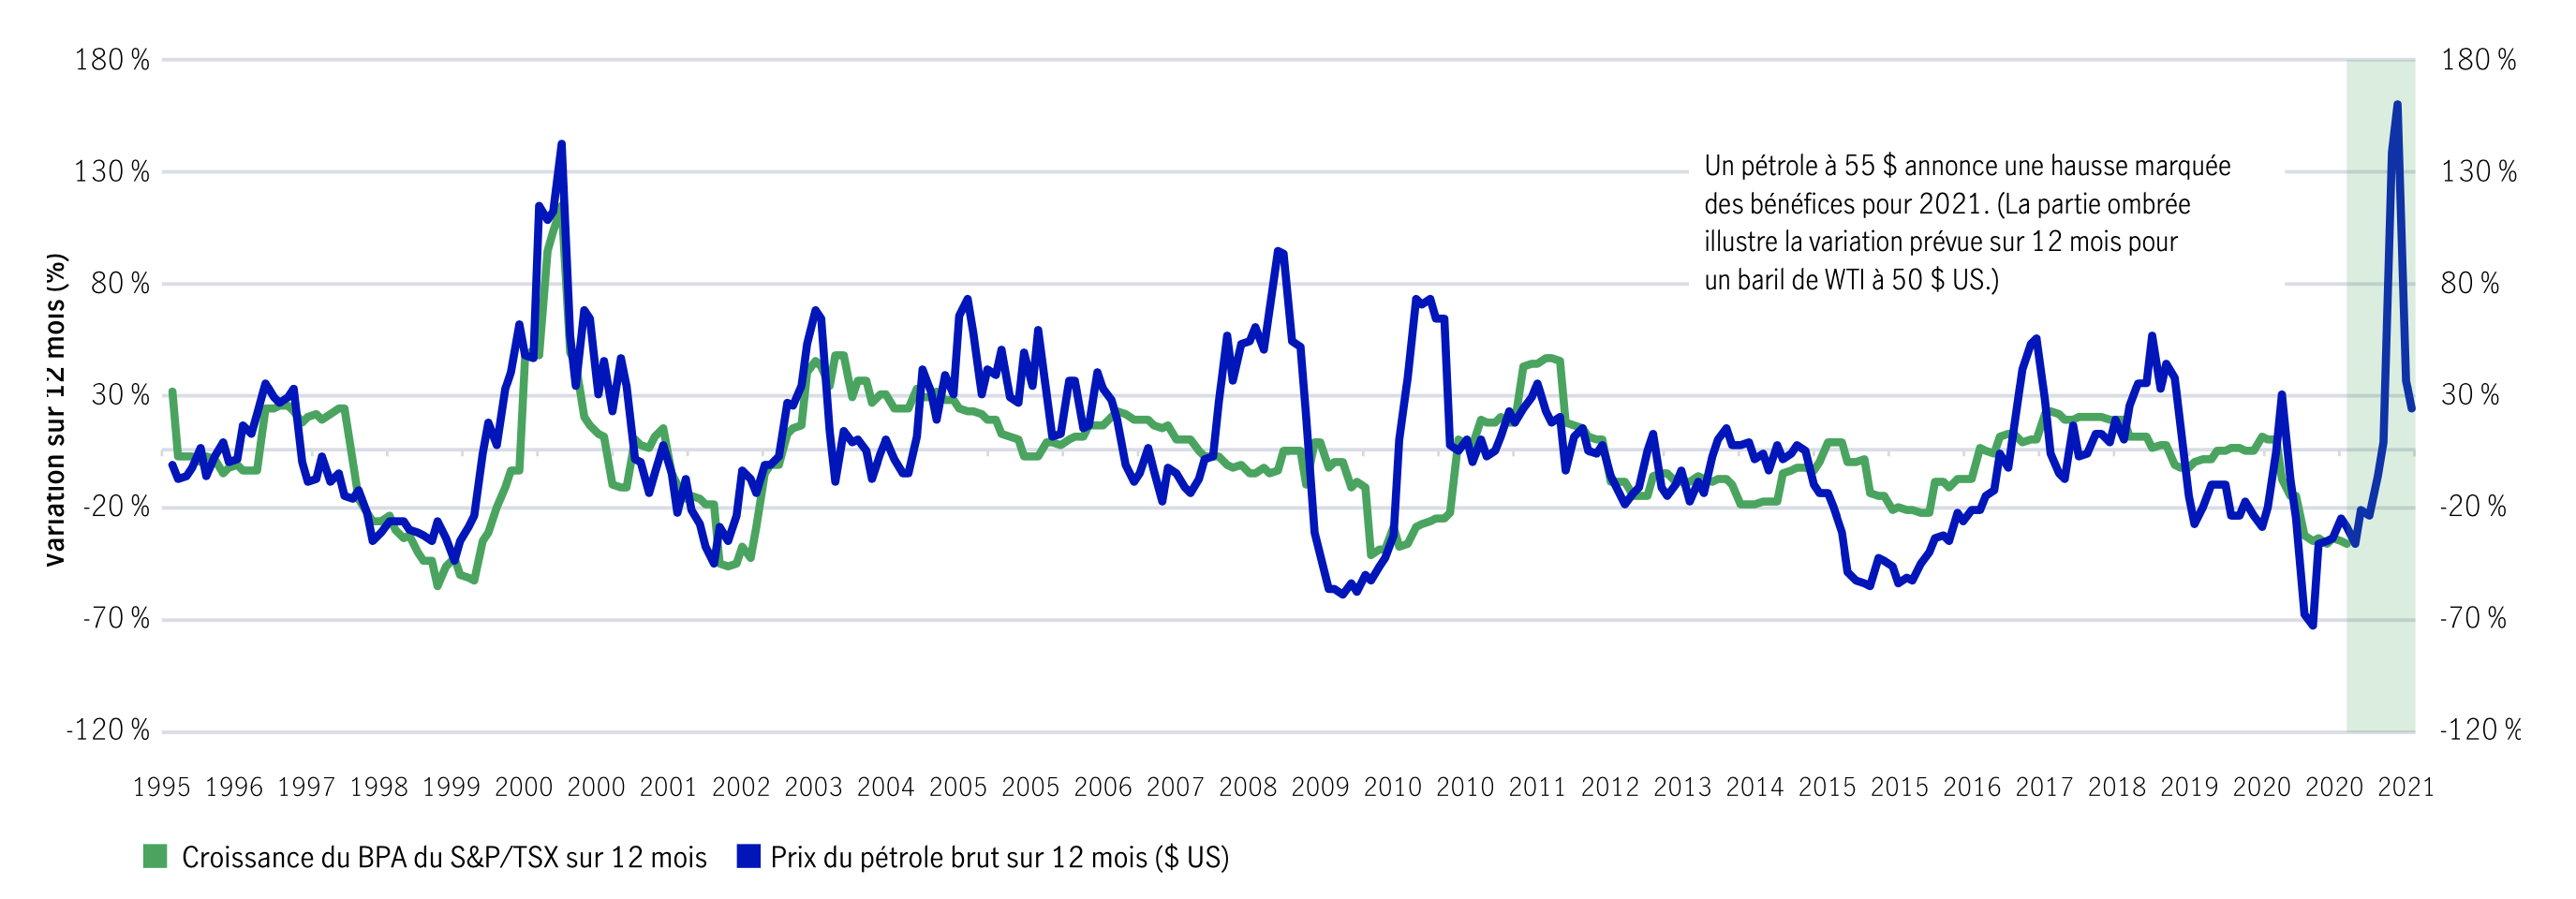 Variation des prix du pétrole (sur 12 mois) et variation du bénéfice par action du S&P/TSX (sur 12 mois) – décalage de 3 mois De 1996 à aujourd'hui